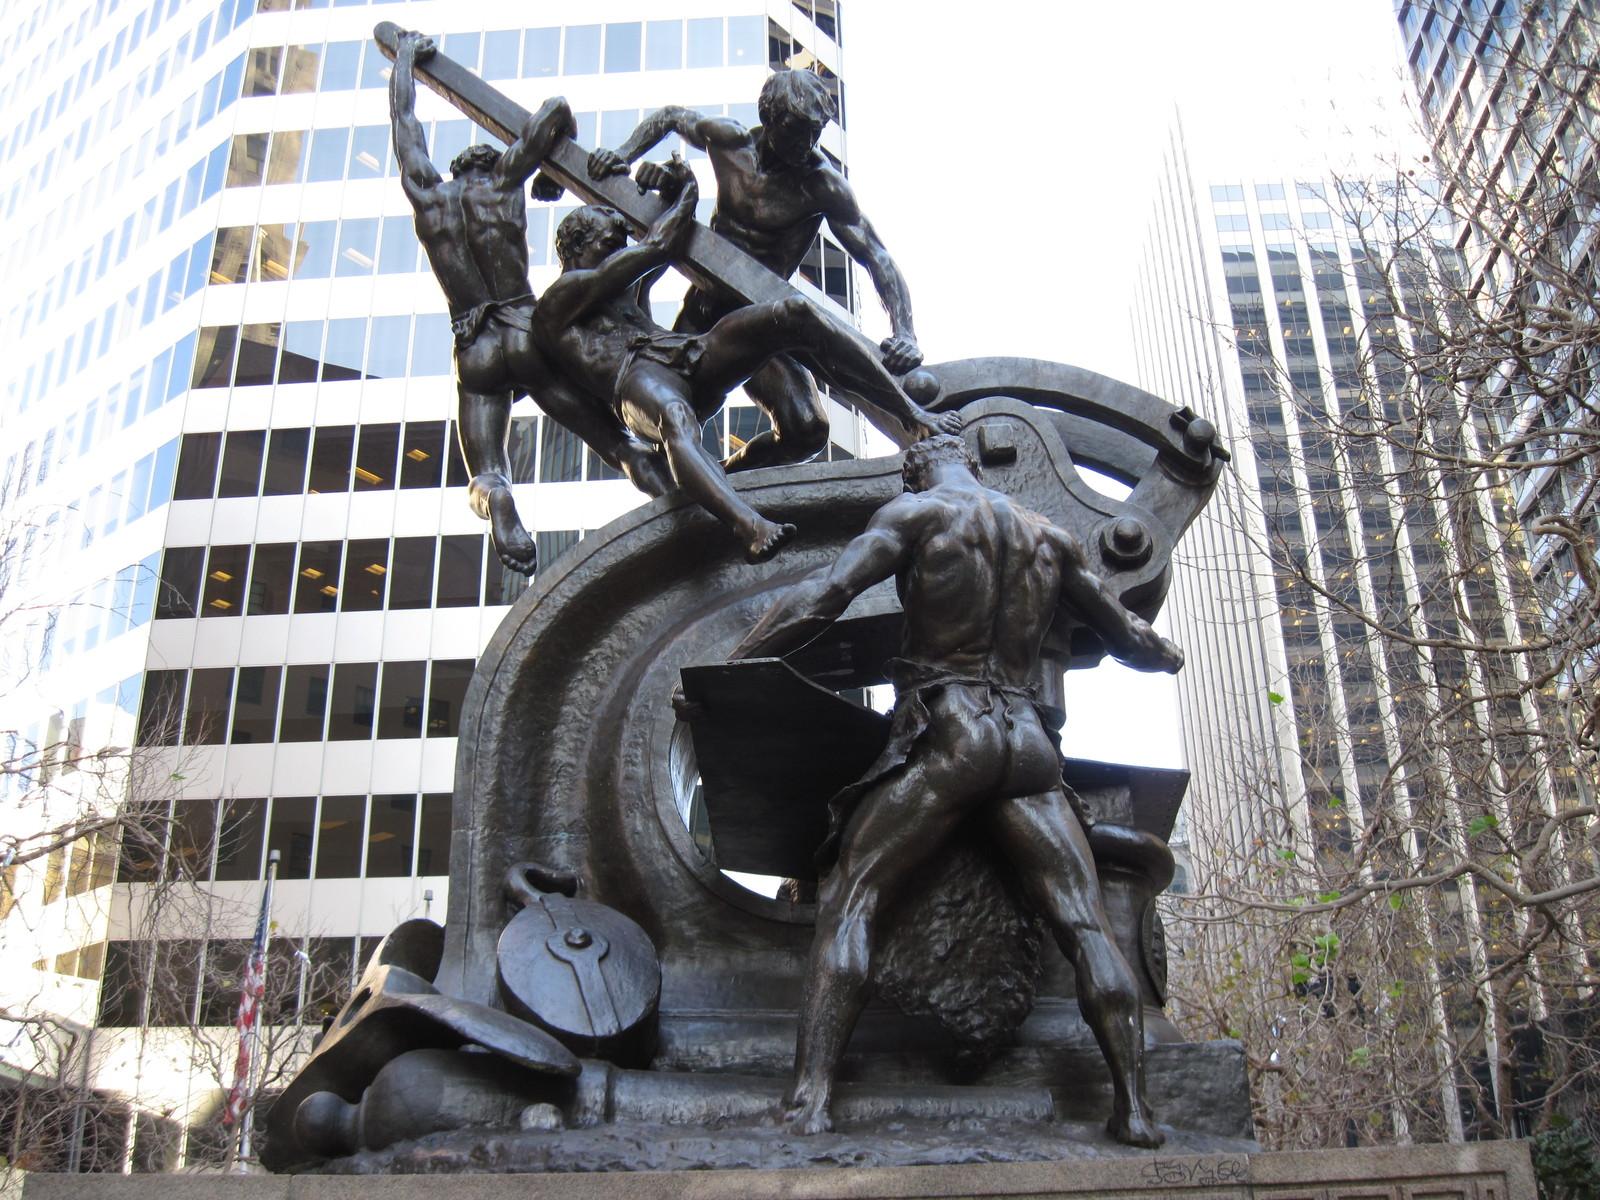 旧金山的雕塑设计